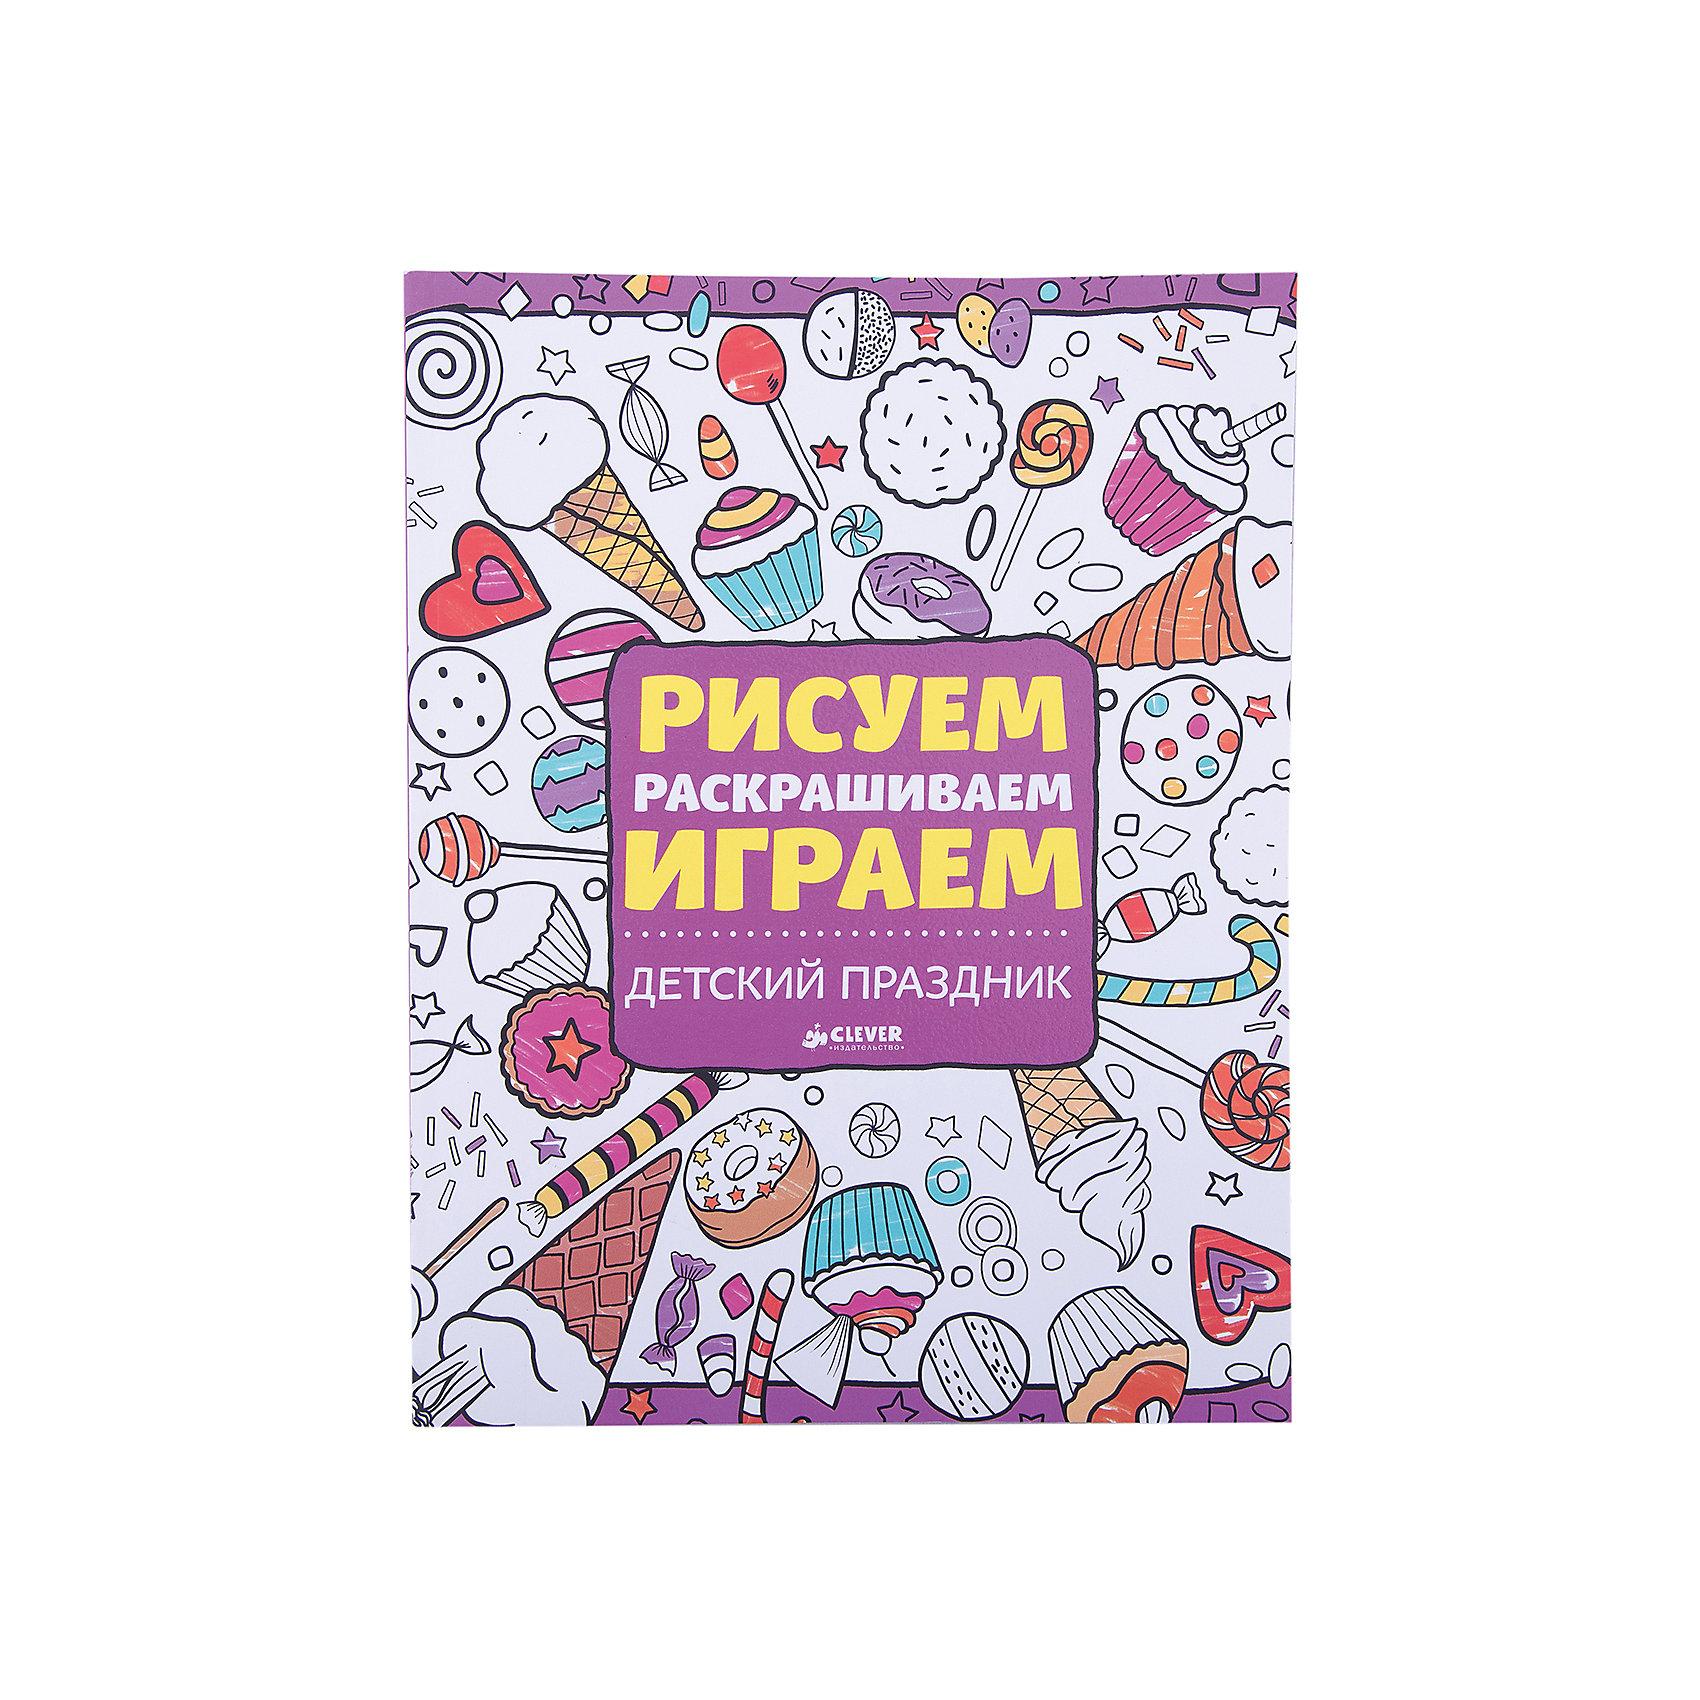 Детский праздник, Рисуем, раскрашиваем, играемКниги для развития творческих навыков<br>Детский праздник, Рисуем, раскрашиваем, играем.<br><br>Характеристики:<br><br>- Издательство: Клевер-Медиа-Групп.<br>- Серия: «Рисуем и играем».<br>- Размеры упаковки: 285х215х10мм.<br>- Цветная печать.<br>- Вес: 320г.<br><br>Если вы любите конфеты, мороженое, зефир и другие сладкие вкусности, вам непременно понравится эта книжка. Мы будем не только смотреть и облизываться, но и выдумывать, раскрашивать, рисовать и играть. Бери фломастеры, карандаши и цветные мелки и дай волю фантазии! Уникальное рисовальное пособие для детей в возрасте от 5 до 9 лет . Такая книга станет не только развлечением, но и познавательной игрой, а также обучающим пособием по рисованию. <br><br>В этой книге можно раскрашивать различные сладости и вкусности, посетить кондитерский магазин и еще много интересных и праздничных мест, а также дорисовать осьминога на целый книжный разворот! Раскрашивайте пирожные и конфеты, проходите лабиринты и рисуйте по точкам. Все эти задания собраны в одну книгу не случайно, в игровой форме дети подготавливают руку к письму, развивают внимание, воображение, память и мелкую моторику. <br><br>Детский праздник, Рисуем, раскрашиваем, играем, можно купить в нашем интернет – магазине.<br><br>Ширина мм: 285<br>Глубина мм: 215<br>Высота мм: 10<br>Вес г: 320<br>Возраст от месяцев: 48<br>Возраст до месяцев: 72<br>Пол: Унисекс<br>Возраст: Детский<br>SKU: 5377834